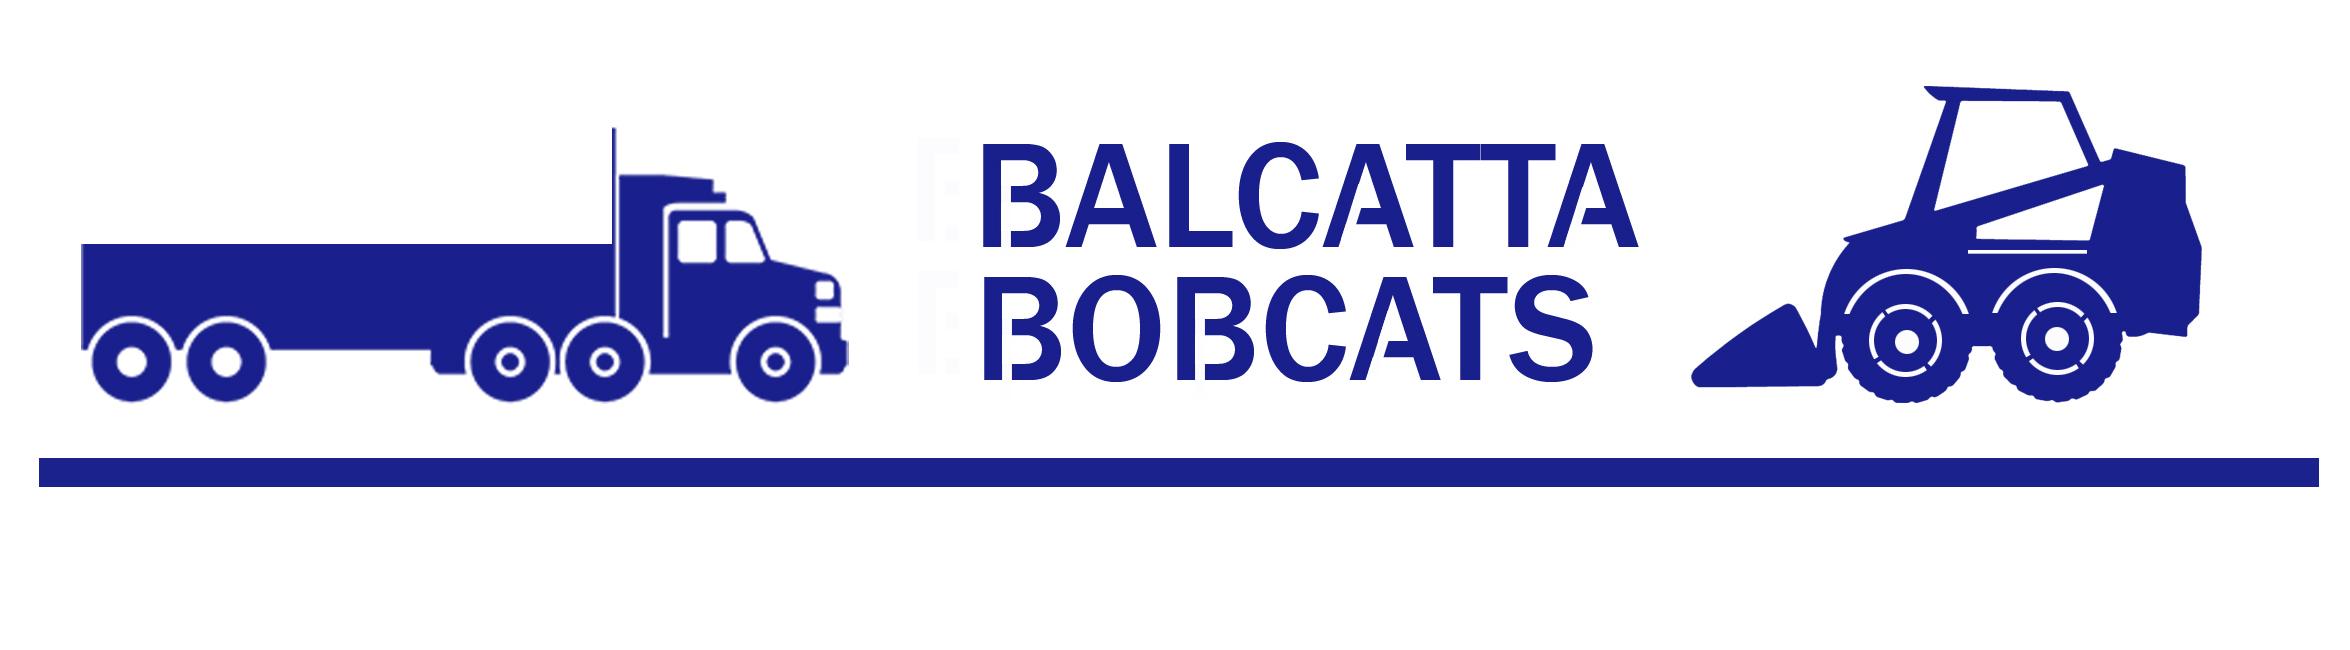 Balcatta Bobcats